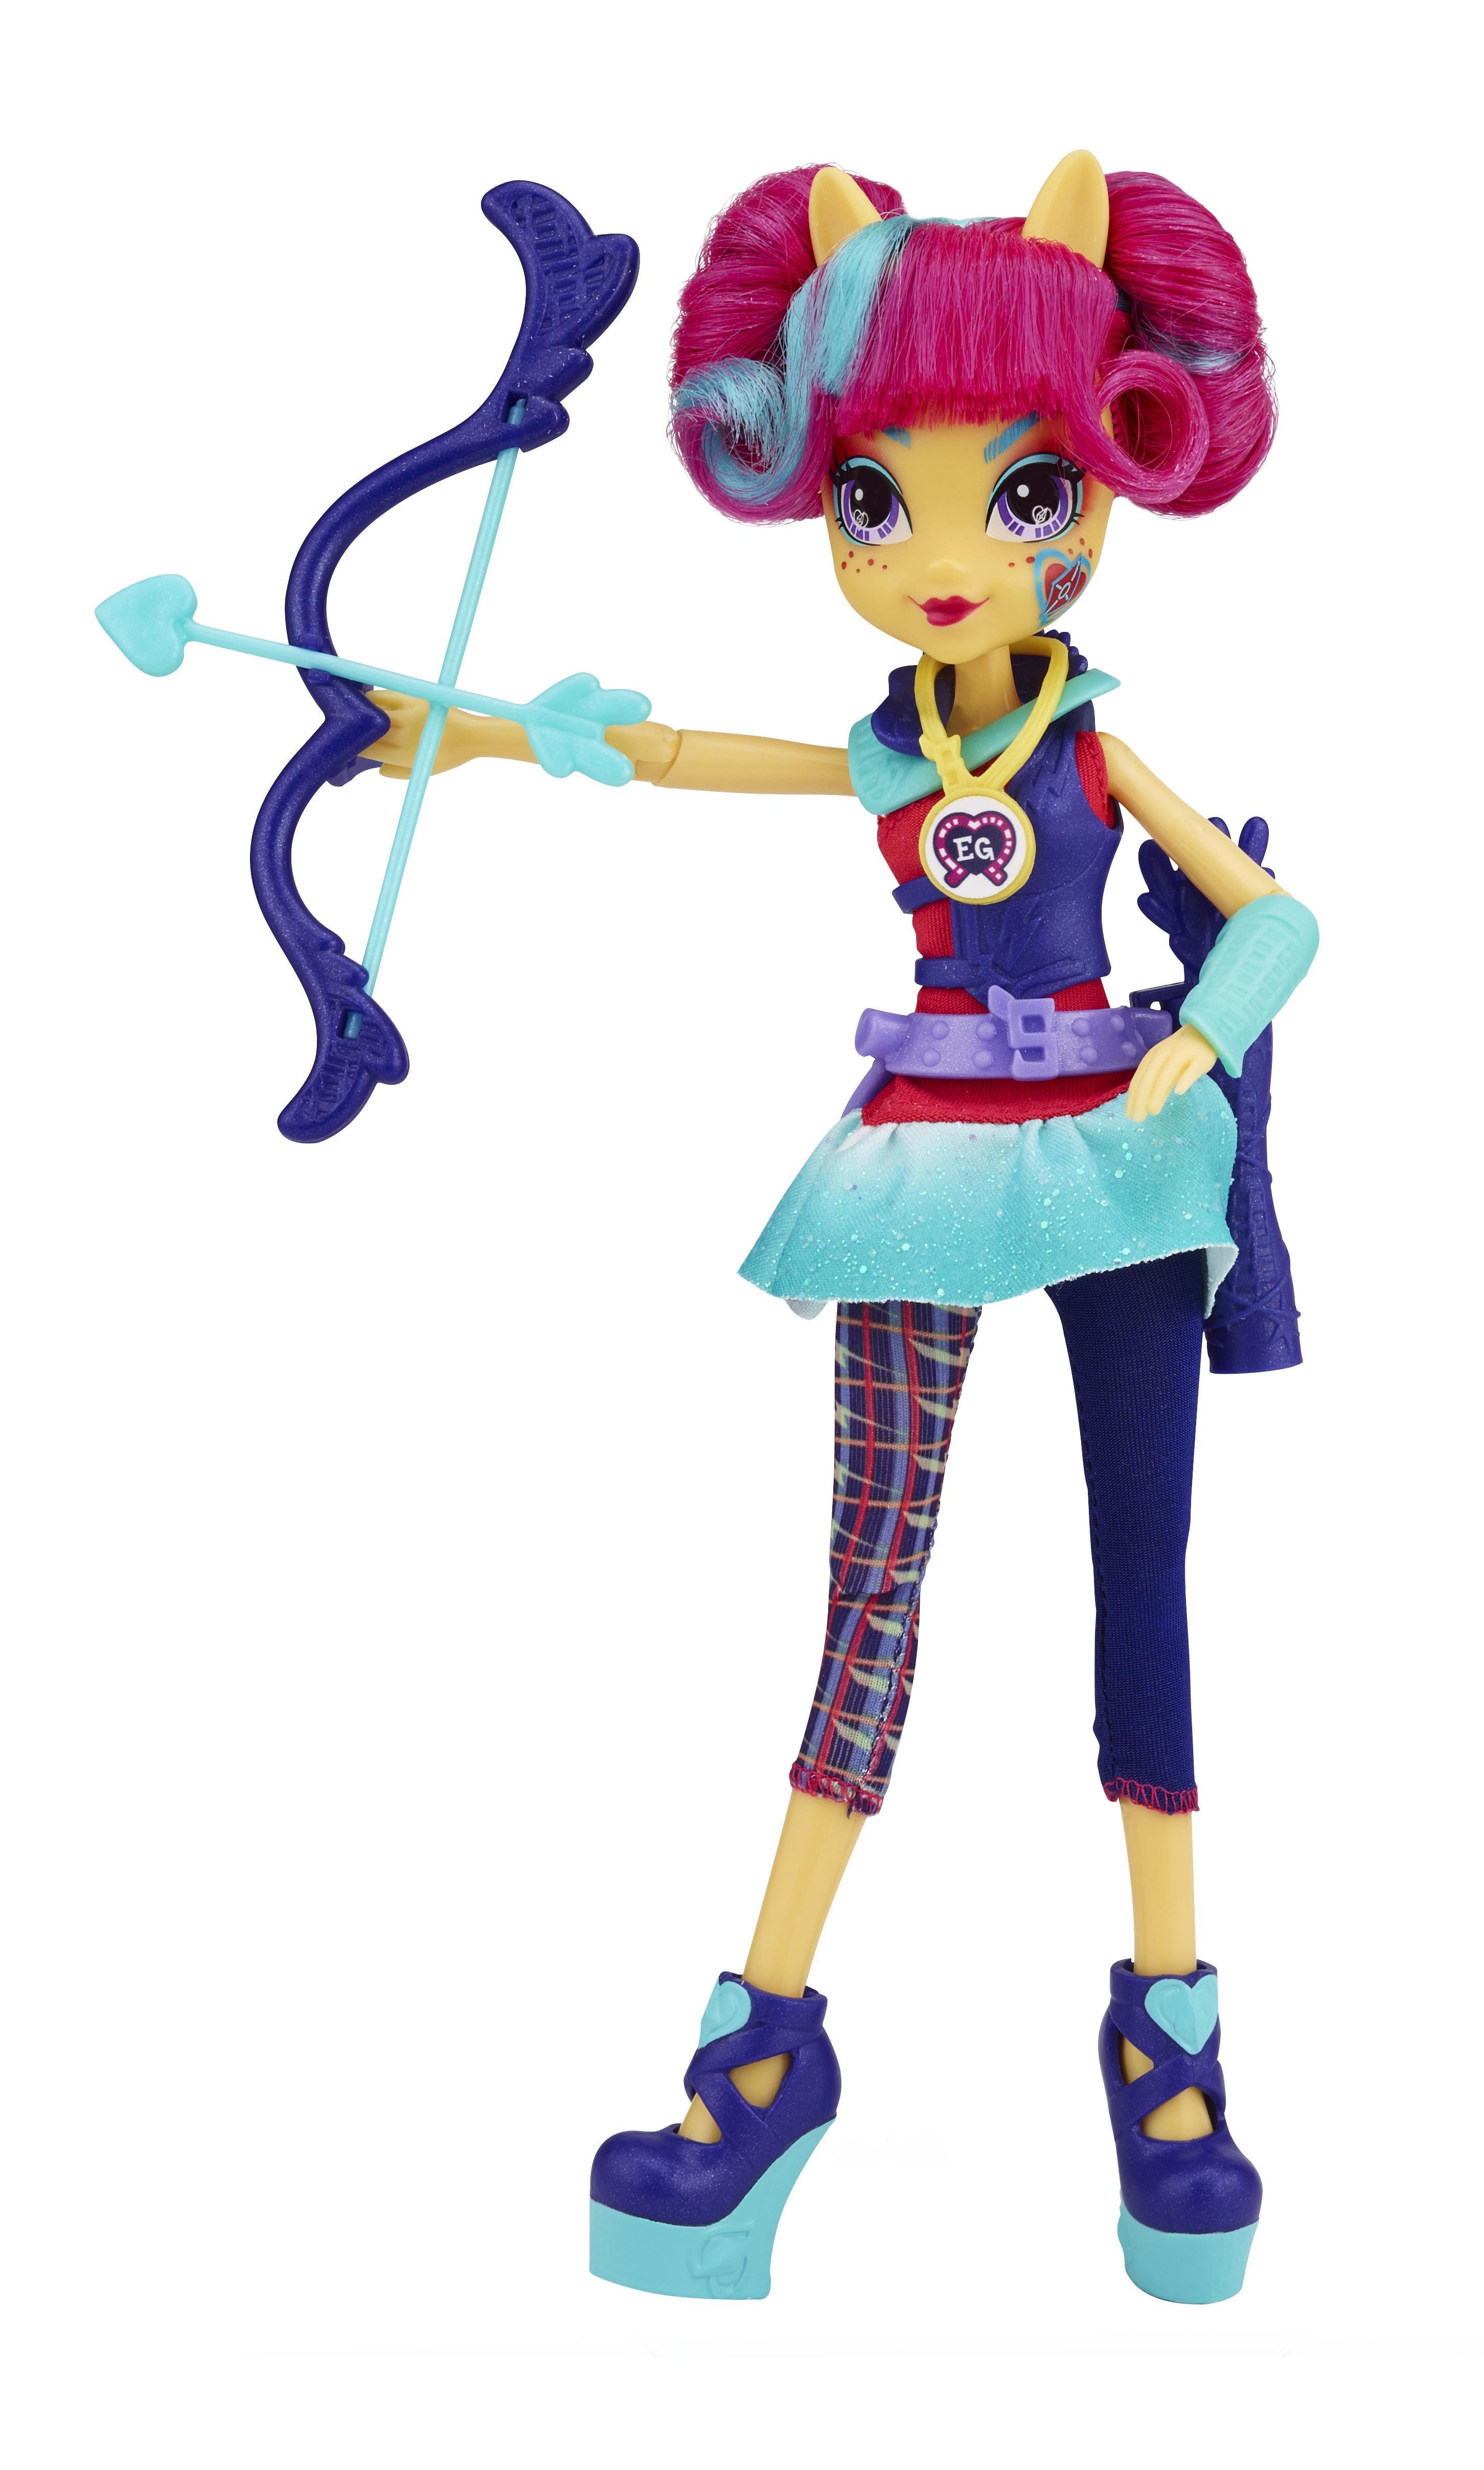 Купить Кукла My Little Pony Equestria girls b1772 b2025 23 см, Классические куклы